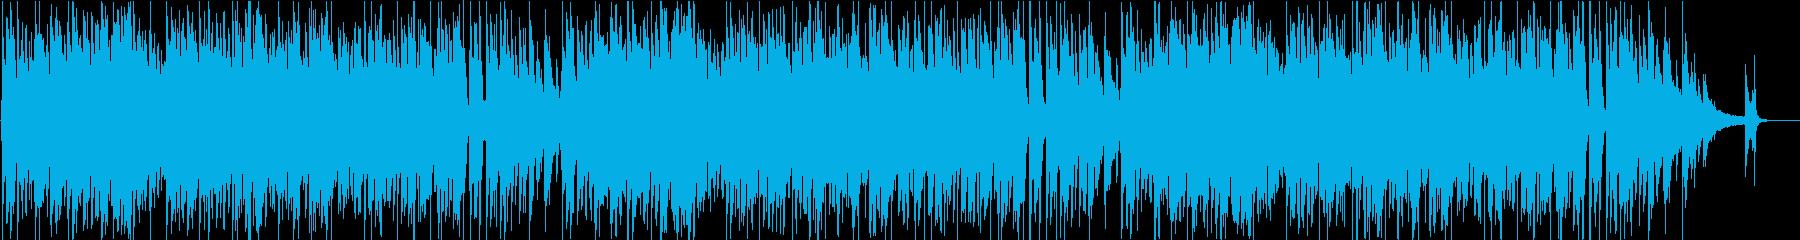 大人の時間を彩るスウィングジャズの再生済みの波形